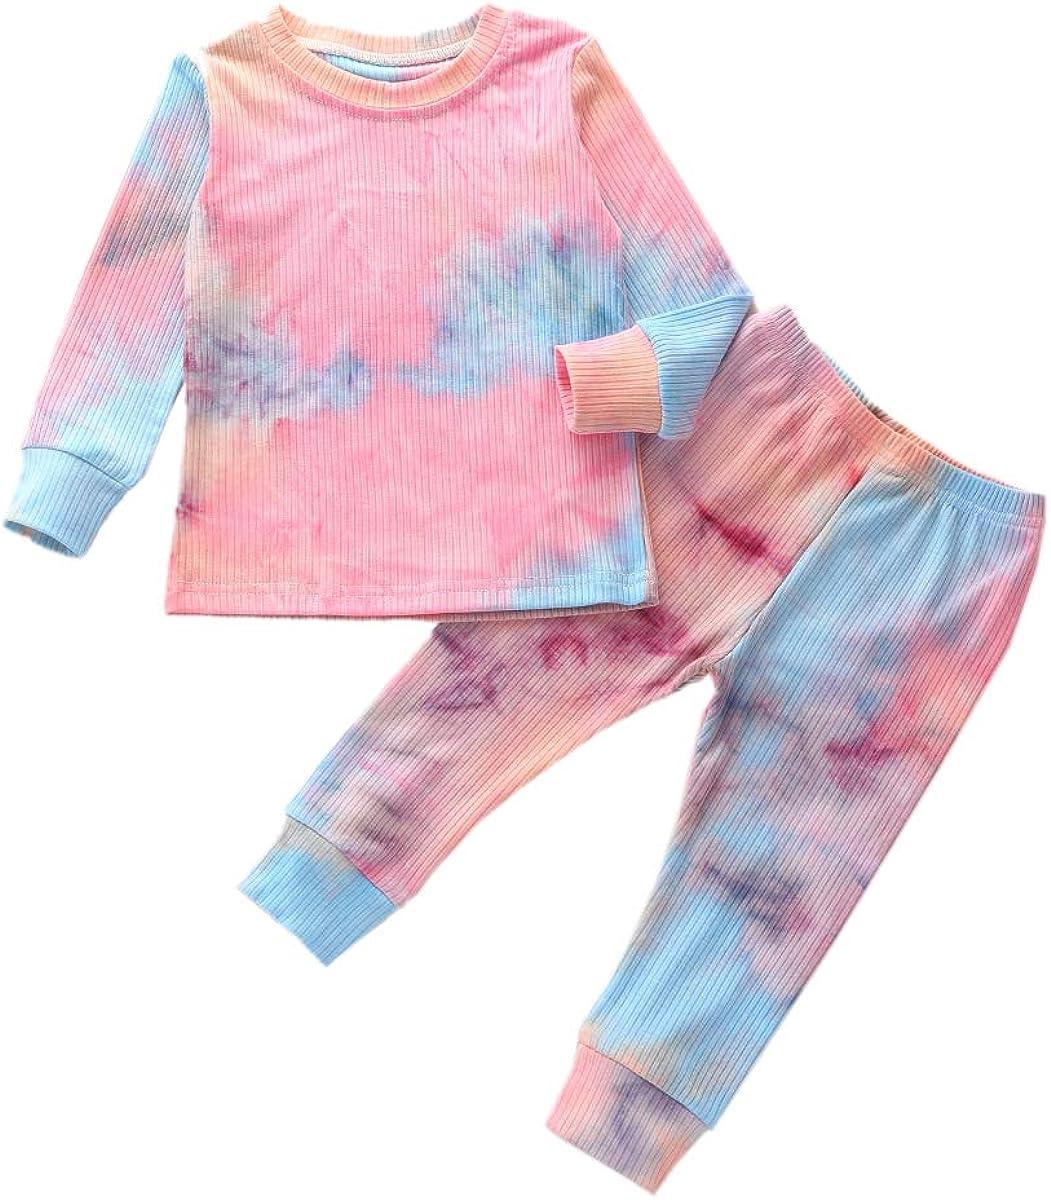 Kids Two Piece Tie Dye Pajama Sets Boys Girls Long Sleeve Pullover Sweatshirt Long Pants Cotton Sleepwear Pjs Set (3-4 T, Tie Dye Pink & Blue)